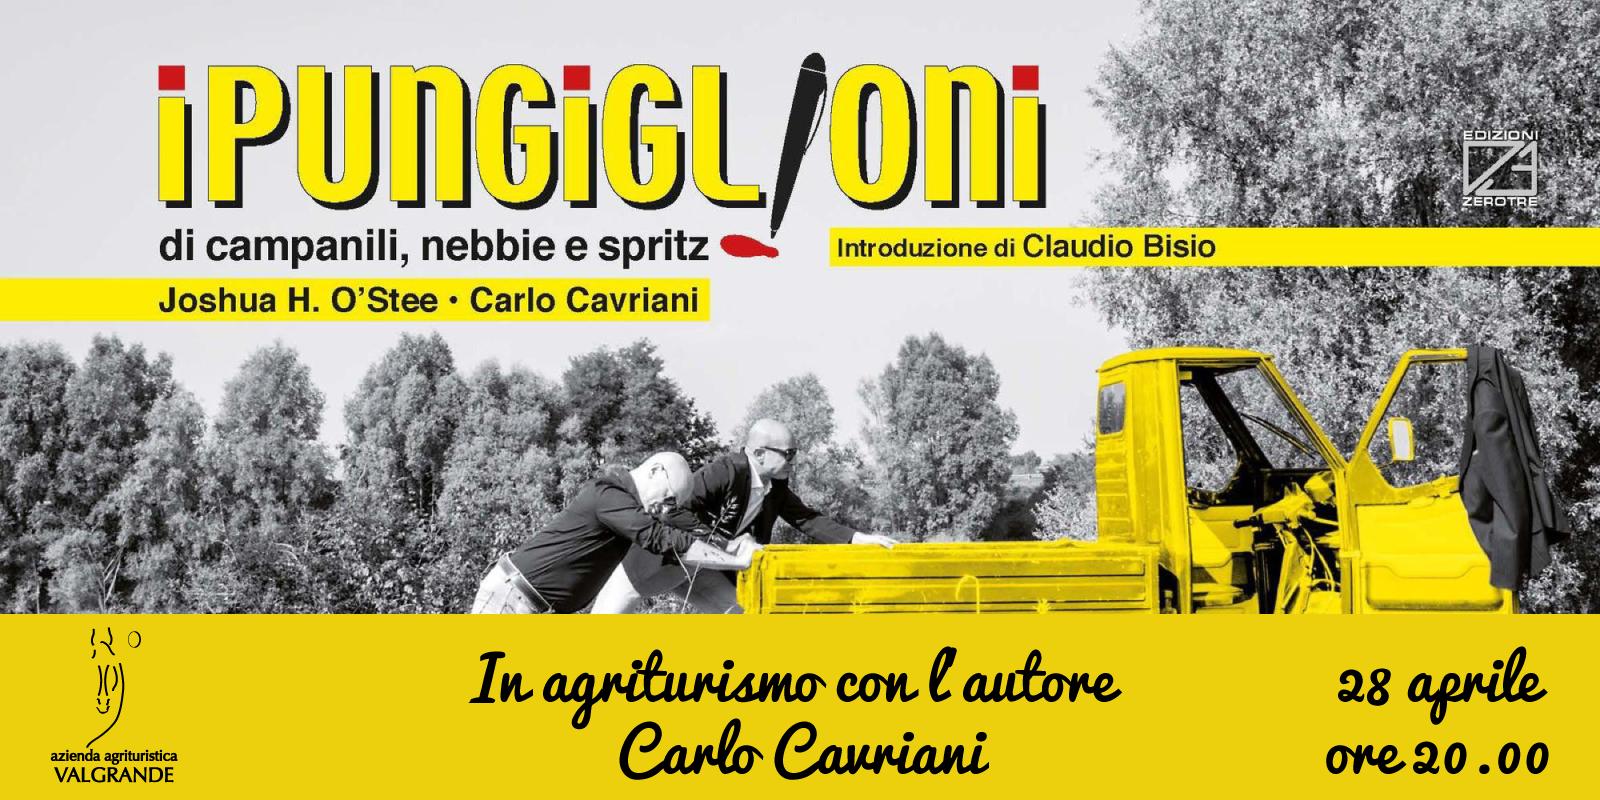 In agriturismo con l'autore – Carlo Cavriani